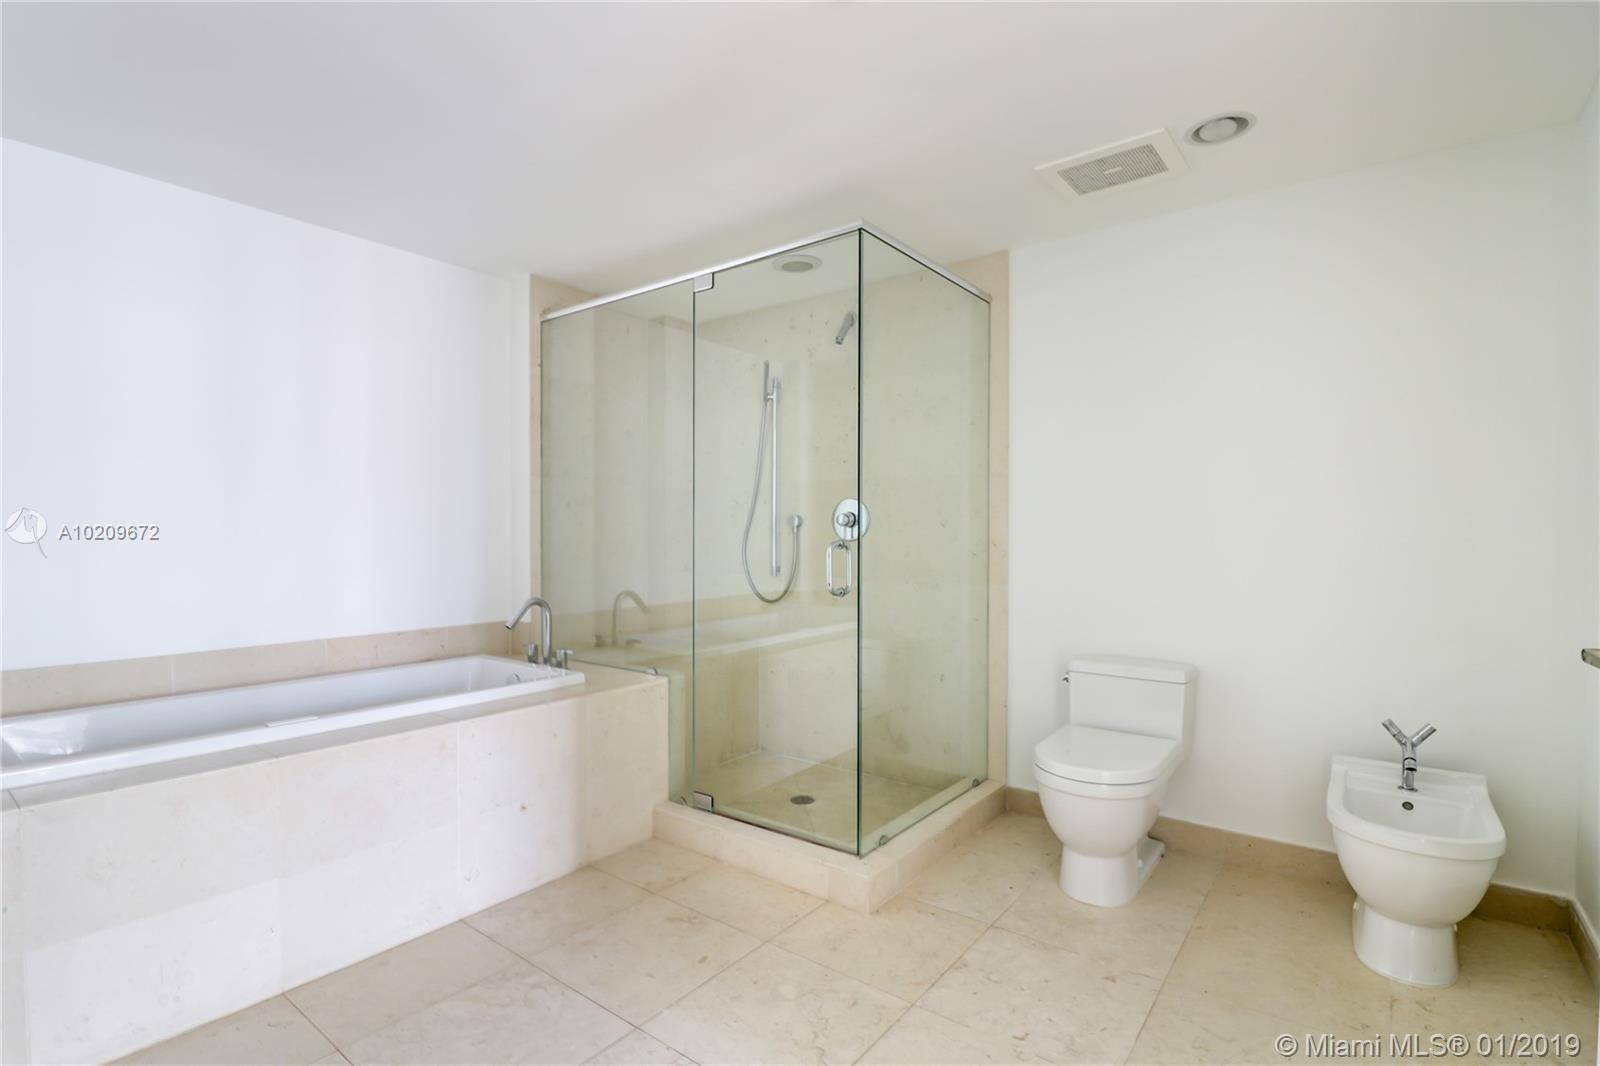 495 Brickell Ave, Miami, FL 33131, Icon Brickell II #2904, Brickell, Miami A10209672 image #20